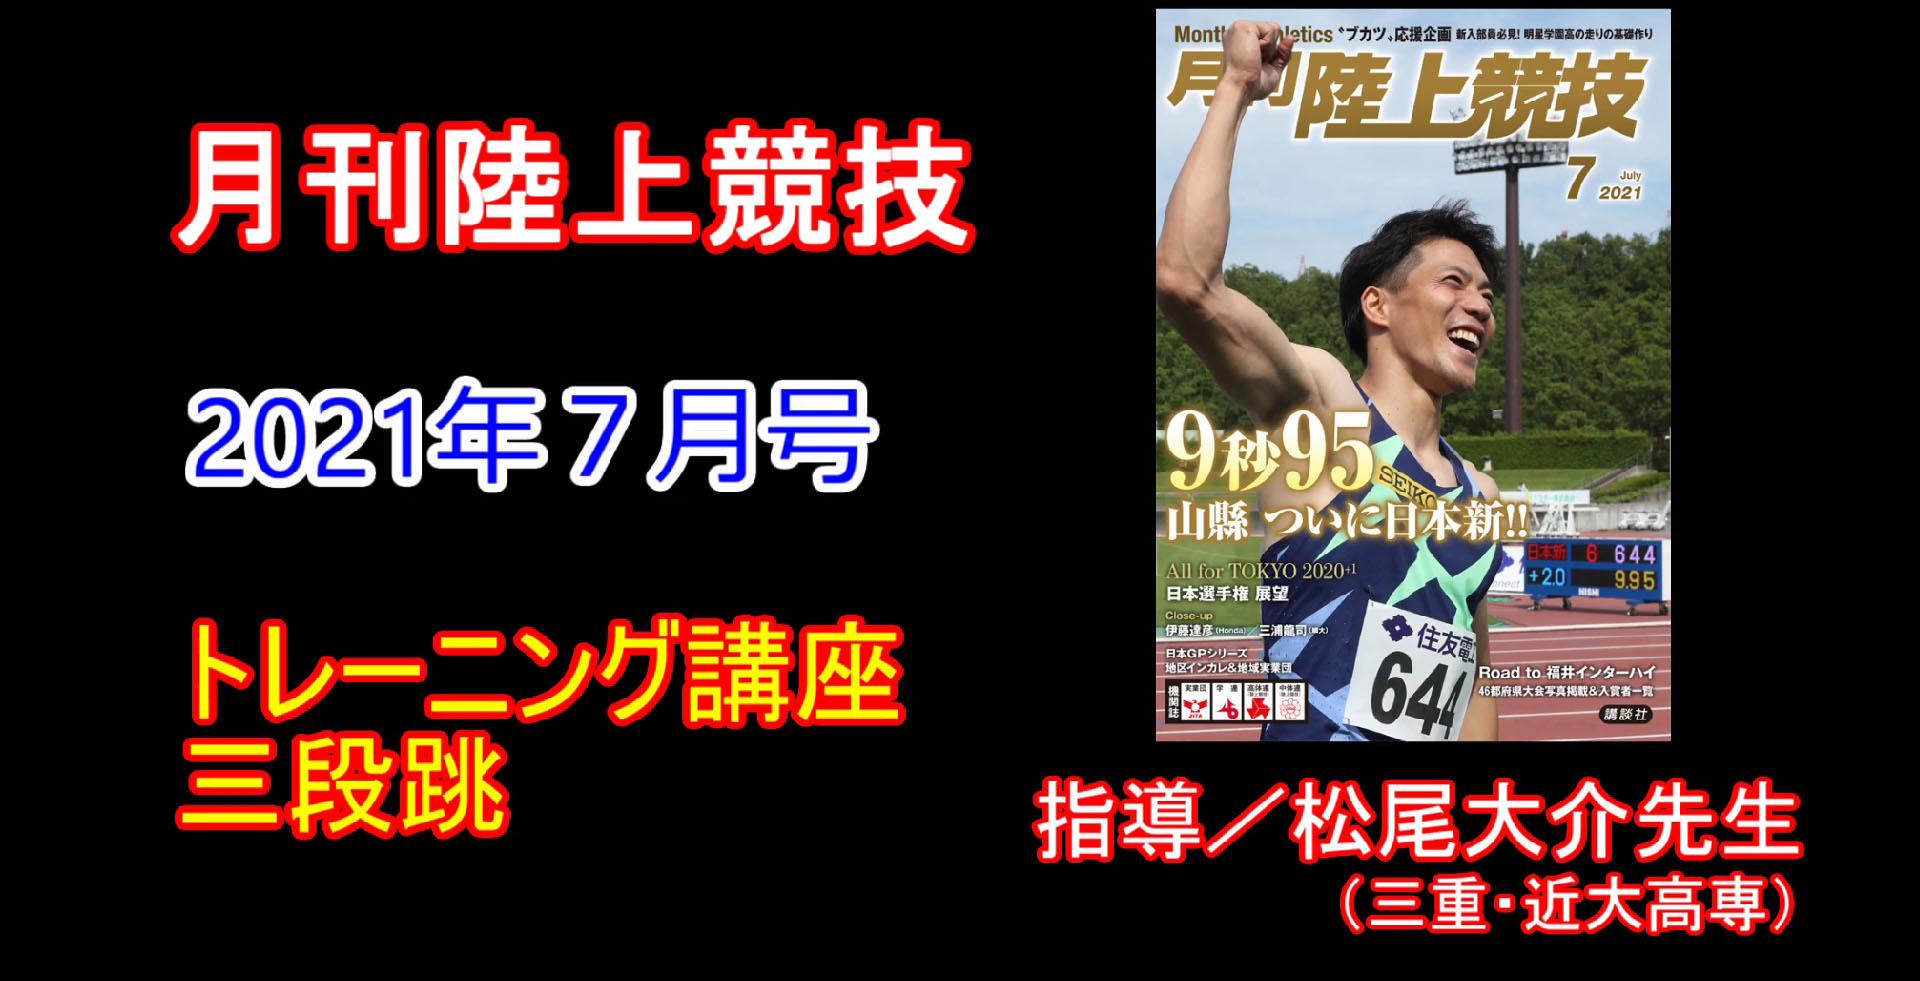 【トレーニング講座】三段跳(2021年7月号)/松尾大介